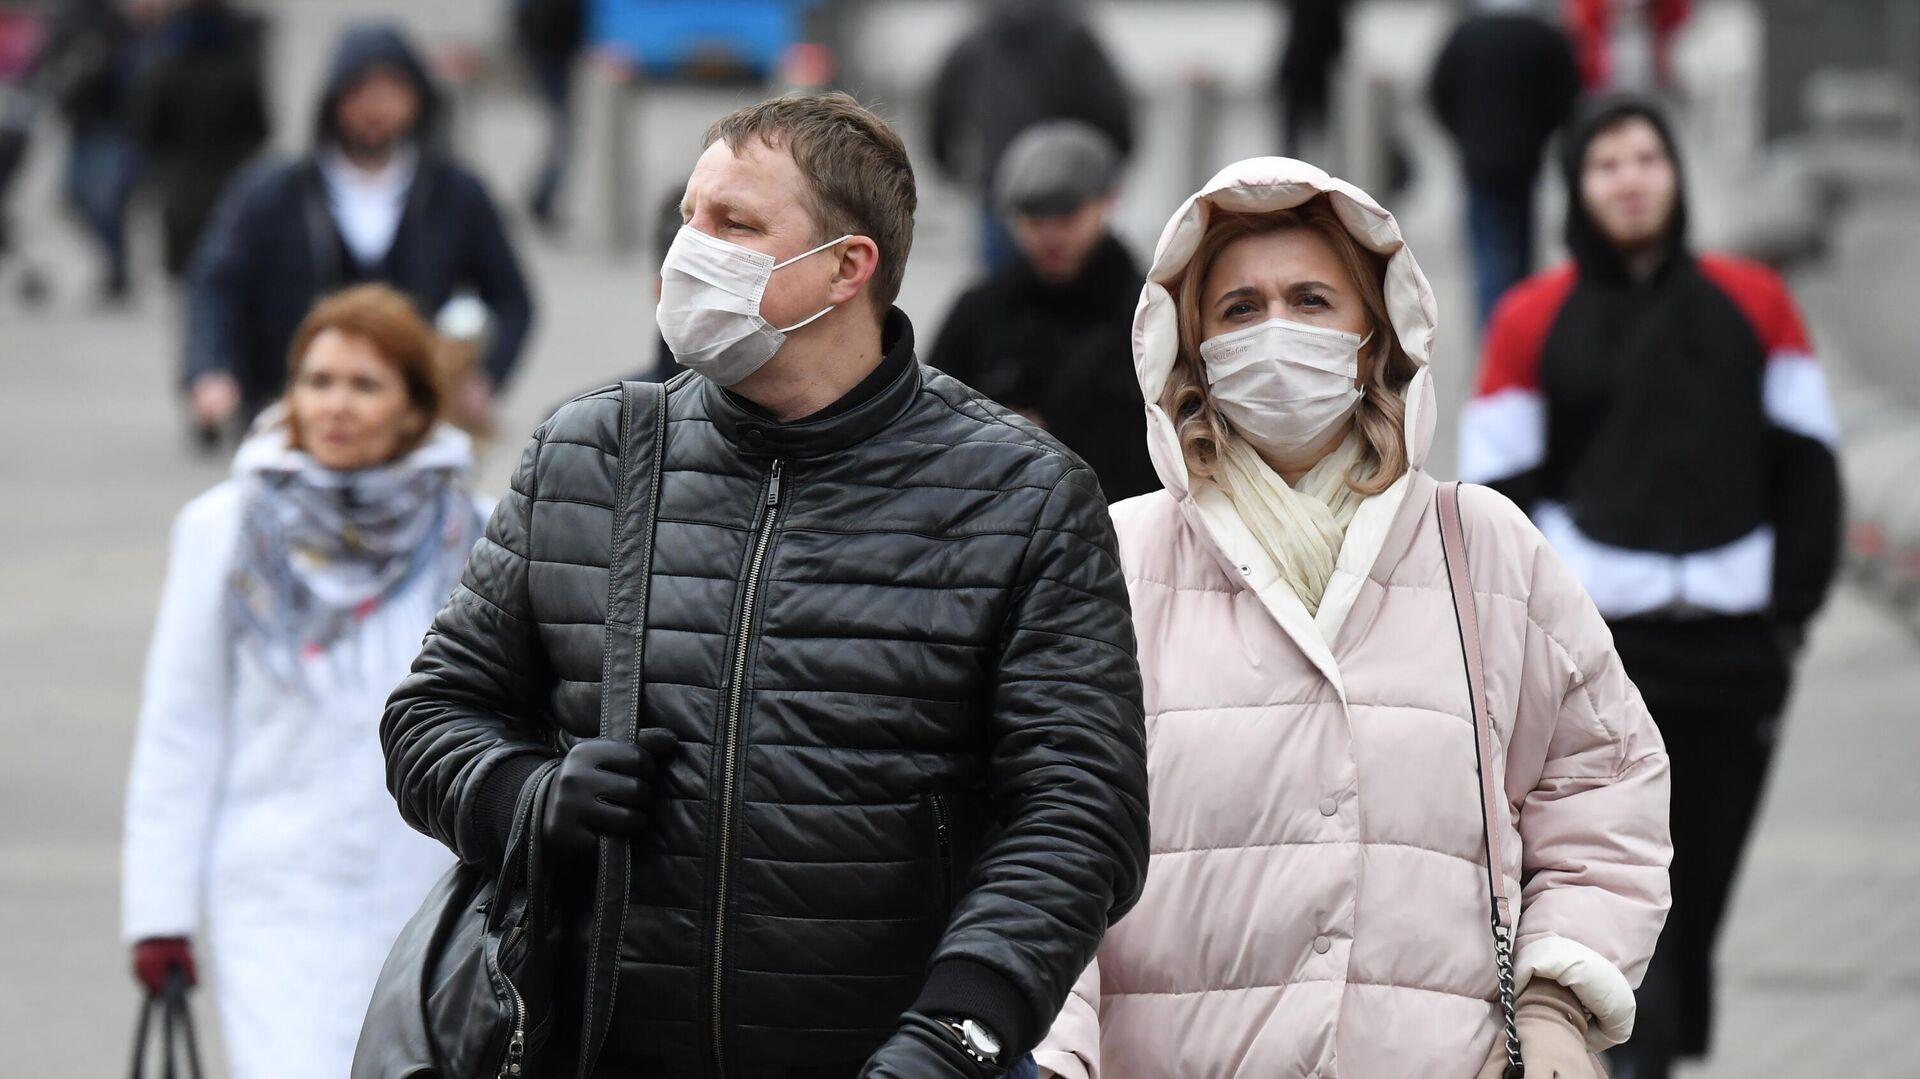 Люди в медицинских масках в Москве - РИА Новости, 1920, 25.01.2021